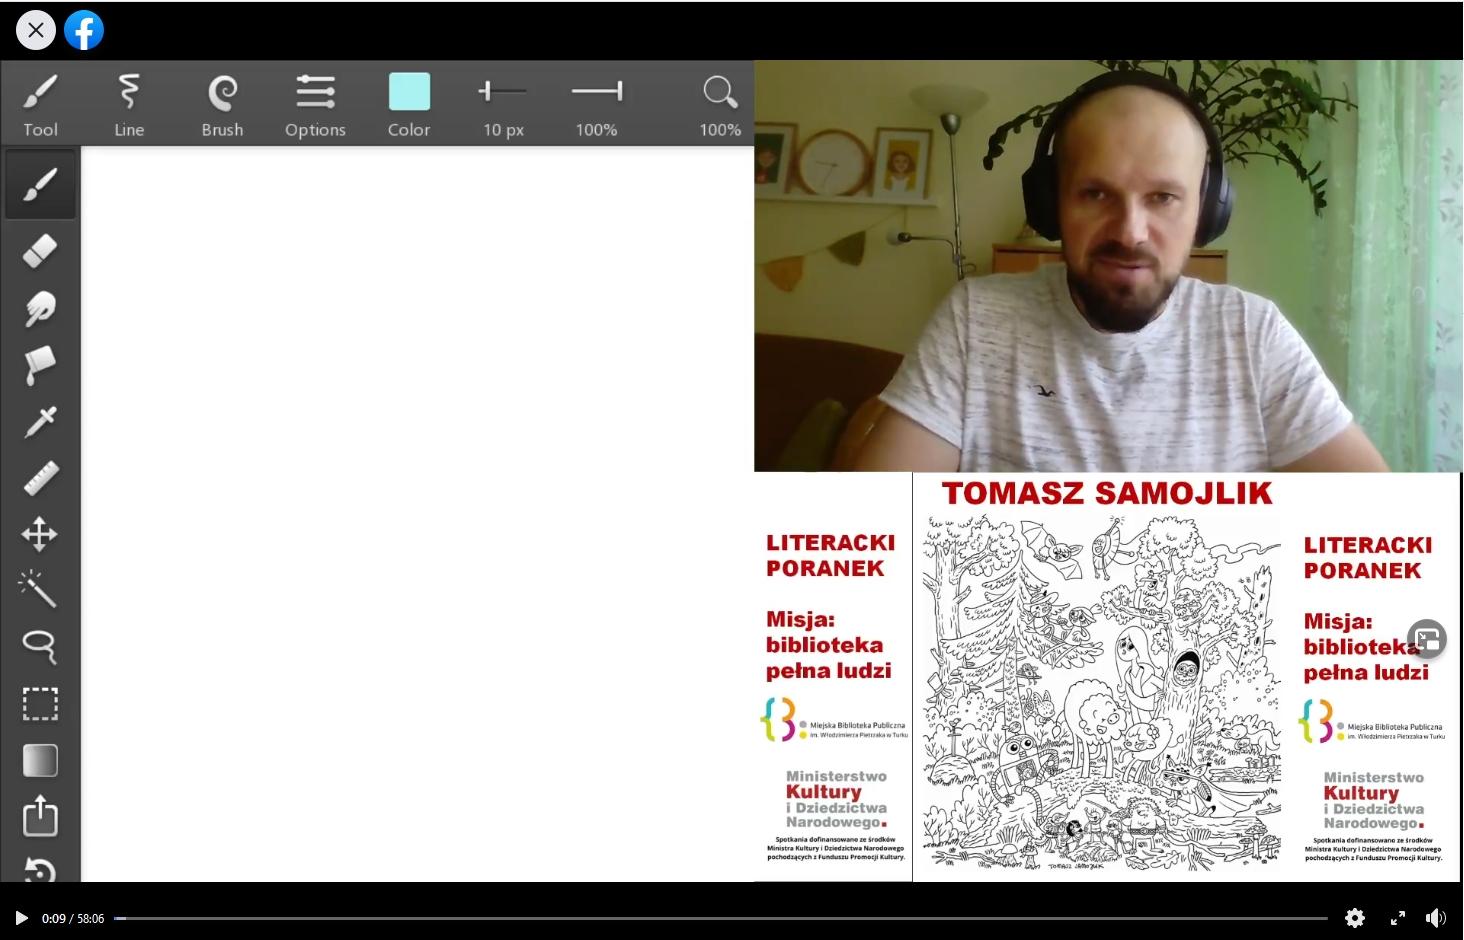 Wirtualne spotkanie z Tomaszem Samojlikiem